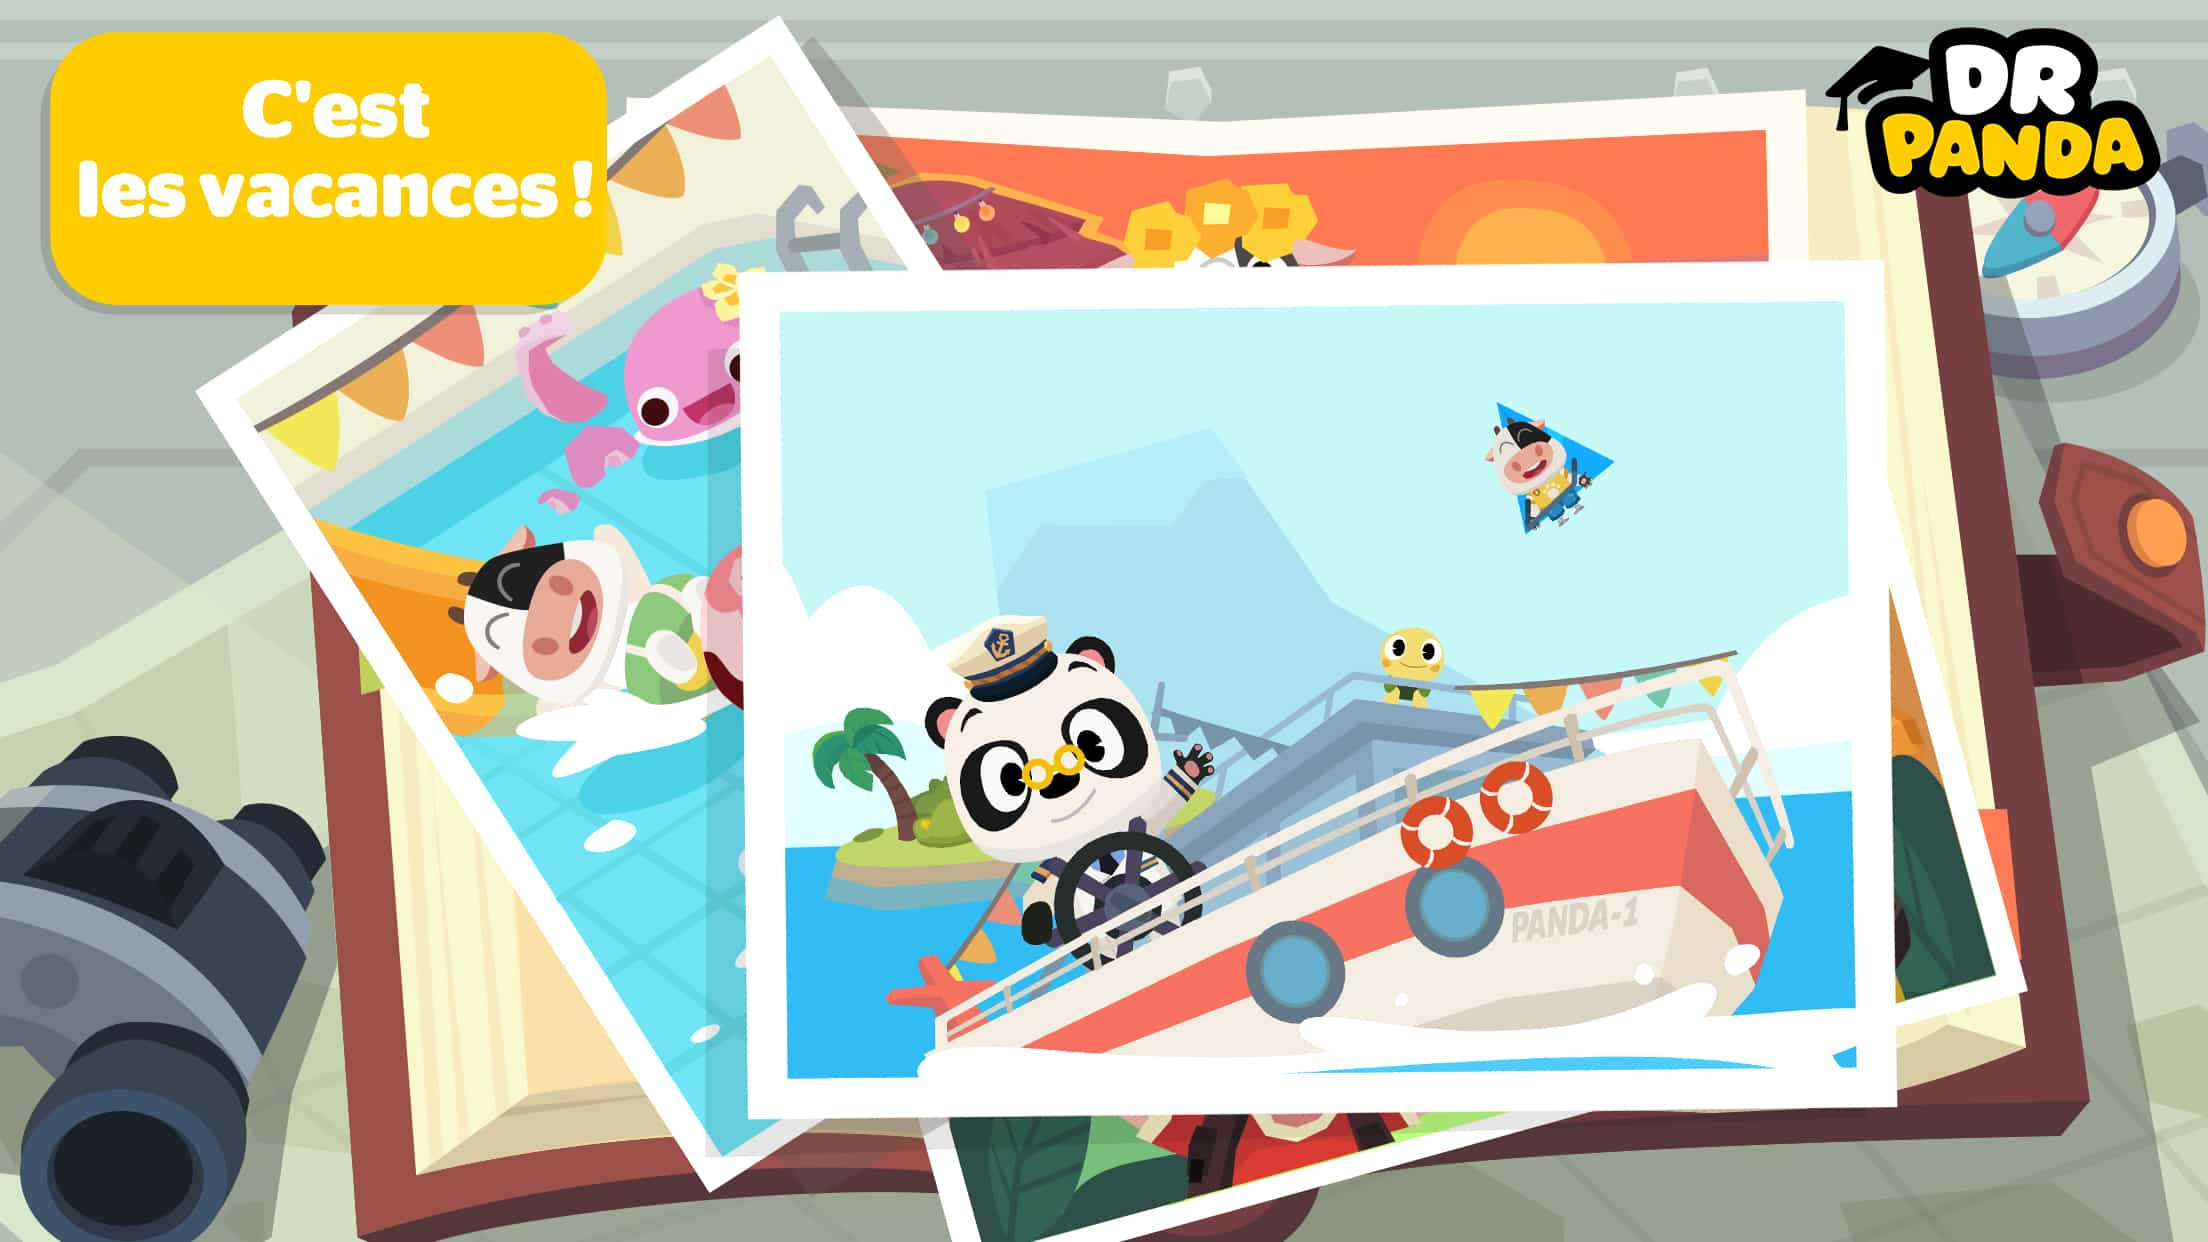 Dr panda ville vacances